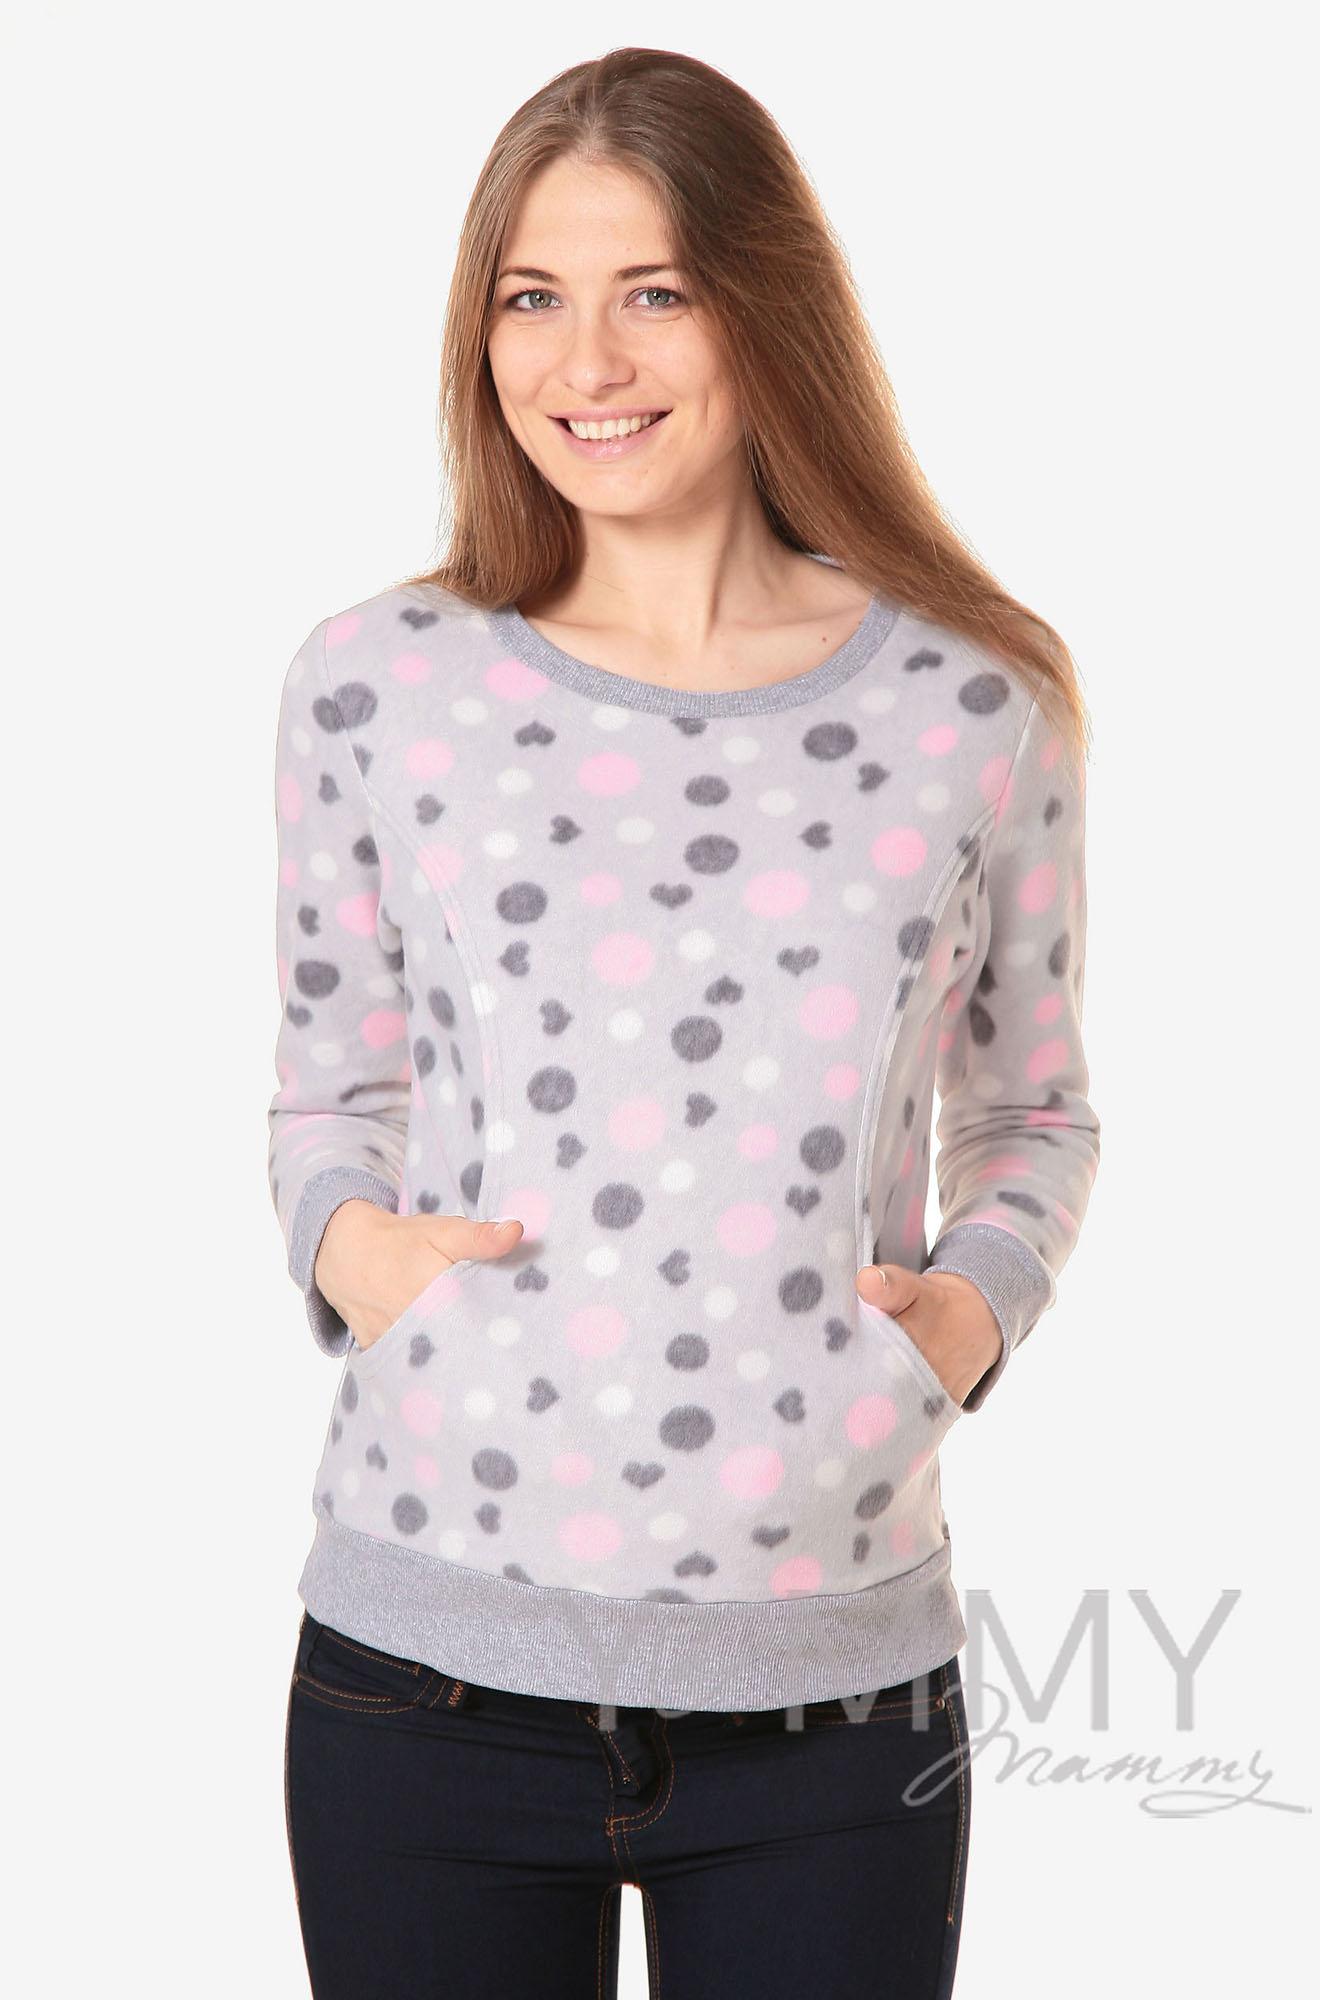 Джемпер для кормящих и беременных флисовый, цвет серый с розовыми и серыми кругами